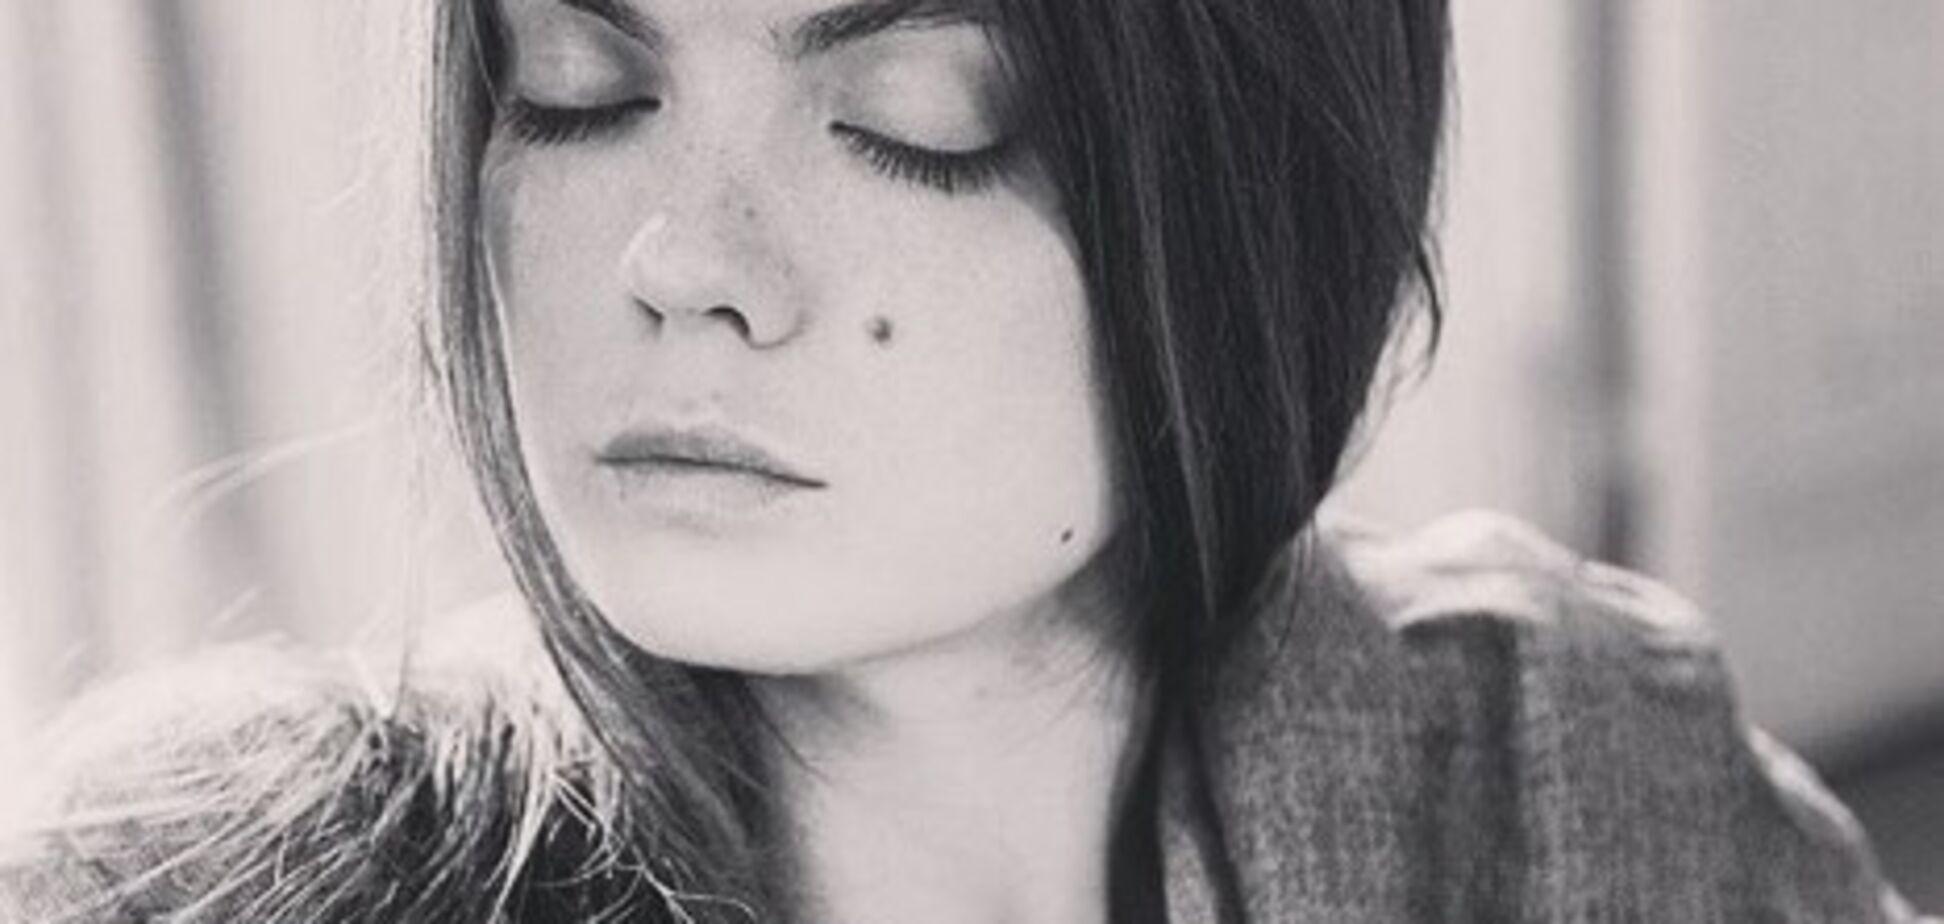 Выяснились подробности самоубийства основательницы Femen в Париже